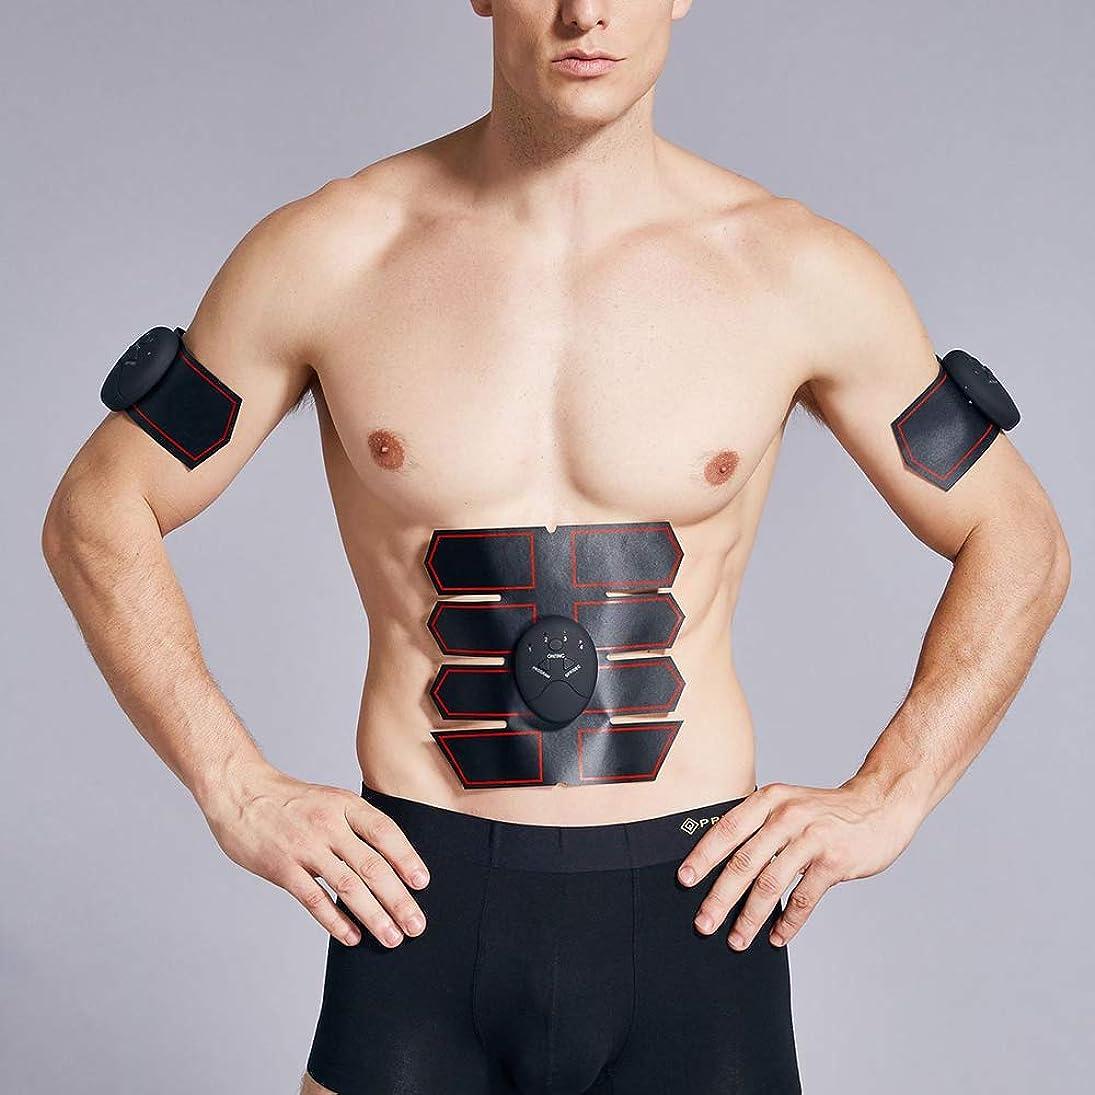 温帯前述の急速な新しい腹筋トレーナーEMSワイヤレス筋肉刺激装置体重減少腹部トレーナー美容機全身マッサージエクササイズフィットネス機器ユニセックス,Black